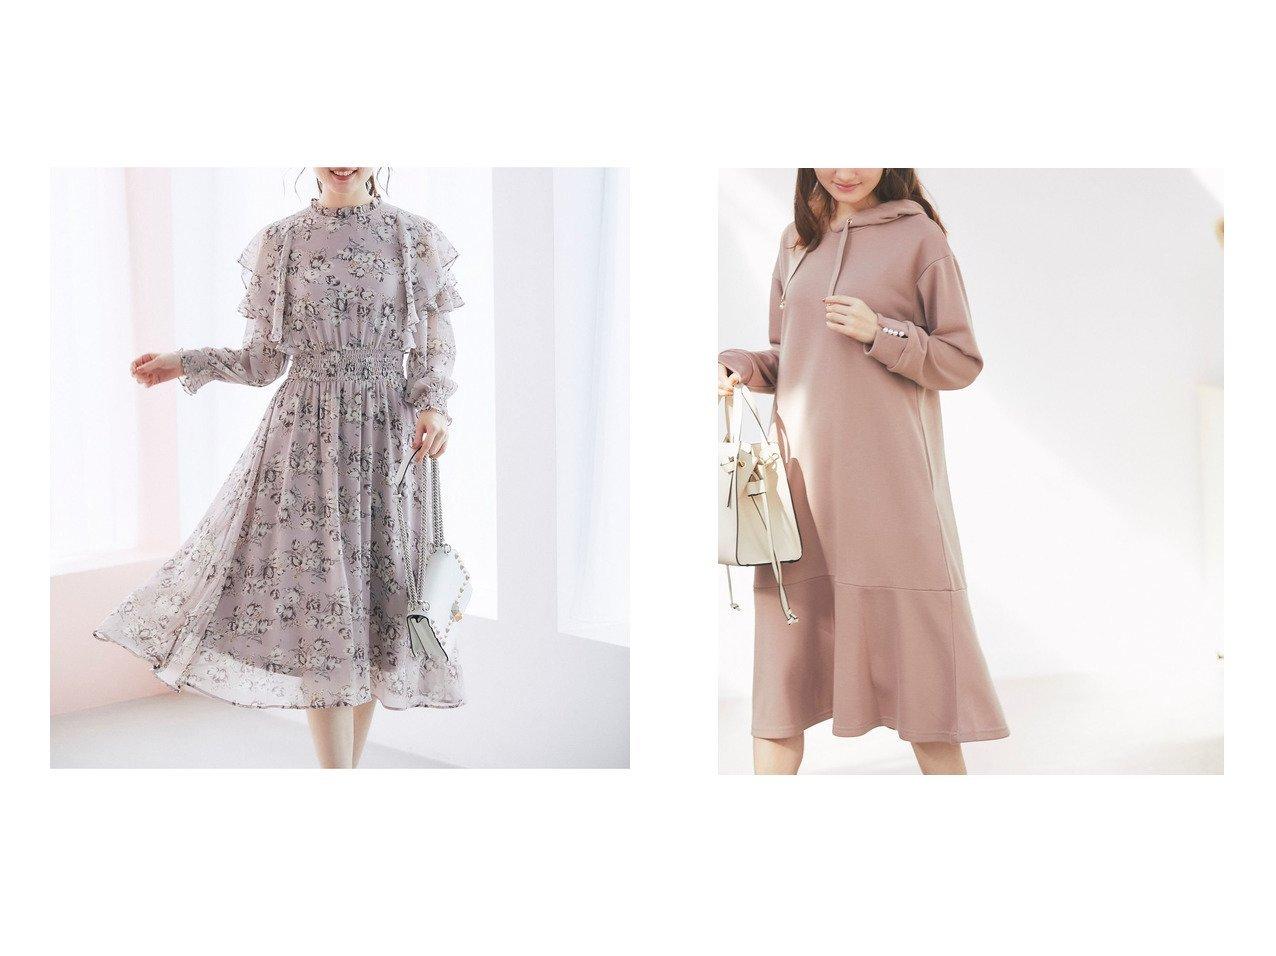 【tocco closet/トッコ クローゼット】のフリルシアースリーブフラワープリントワンピース&パール付き裾フレアパーカーワンピース ワンピース・ドレスのおすすめ!人気、トレンド・レディースファッションの通販  おすすめで人気の流行・トレンド、ファッションの通販商品 メンズファッション・キッズファッション・インテリア・家具・レディースファッション・服の通販 founy(ファニー) https://founy.com/ ファッション Fashion レディースファッション WOMEN ワンピース Dress エレガント シフォン シャーリング スリーブ フェミニン ロマンティック NEW・新作・新着・新入荷 New Arrivals お家時間・ステイホーム Home time,Stay home パーカー パール フレア |ID:crp329100000022745